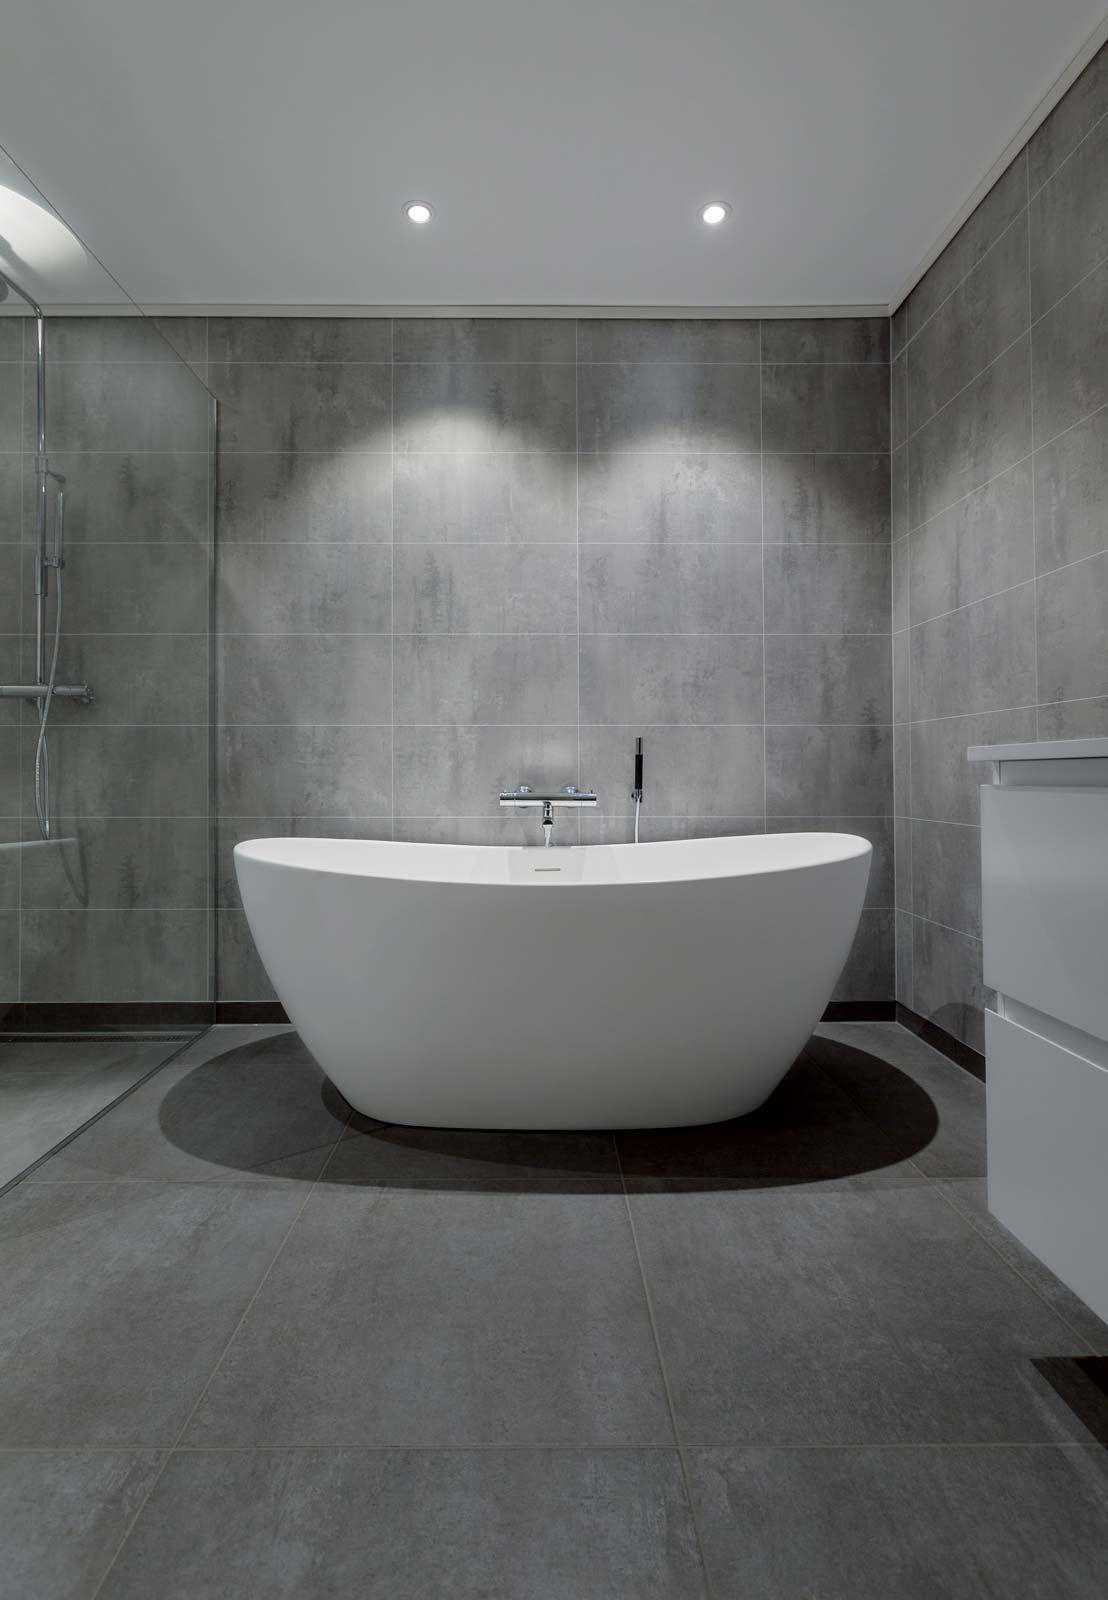 Berryalloc Wall Water 6200447 Zement 60 X 30 Cm En 2020 Parement Mural Deco Salle De Bain Idee Deco Salle De Bain